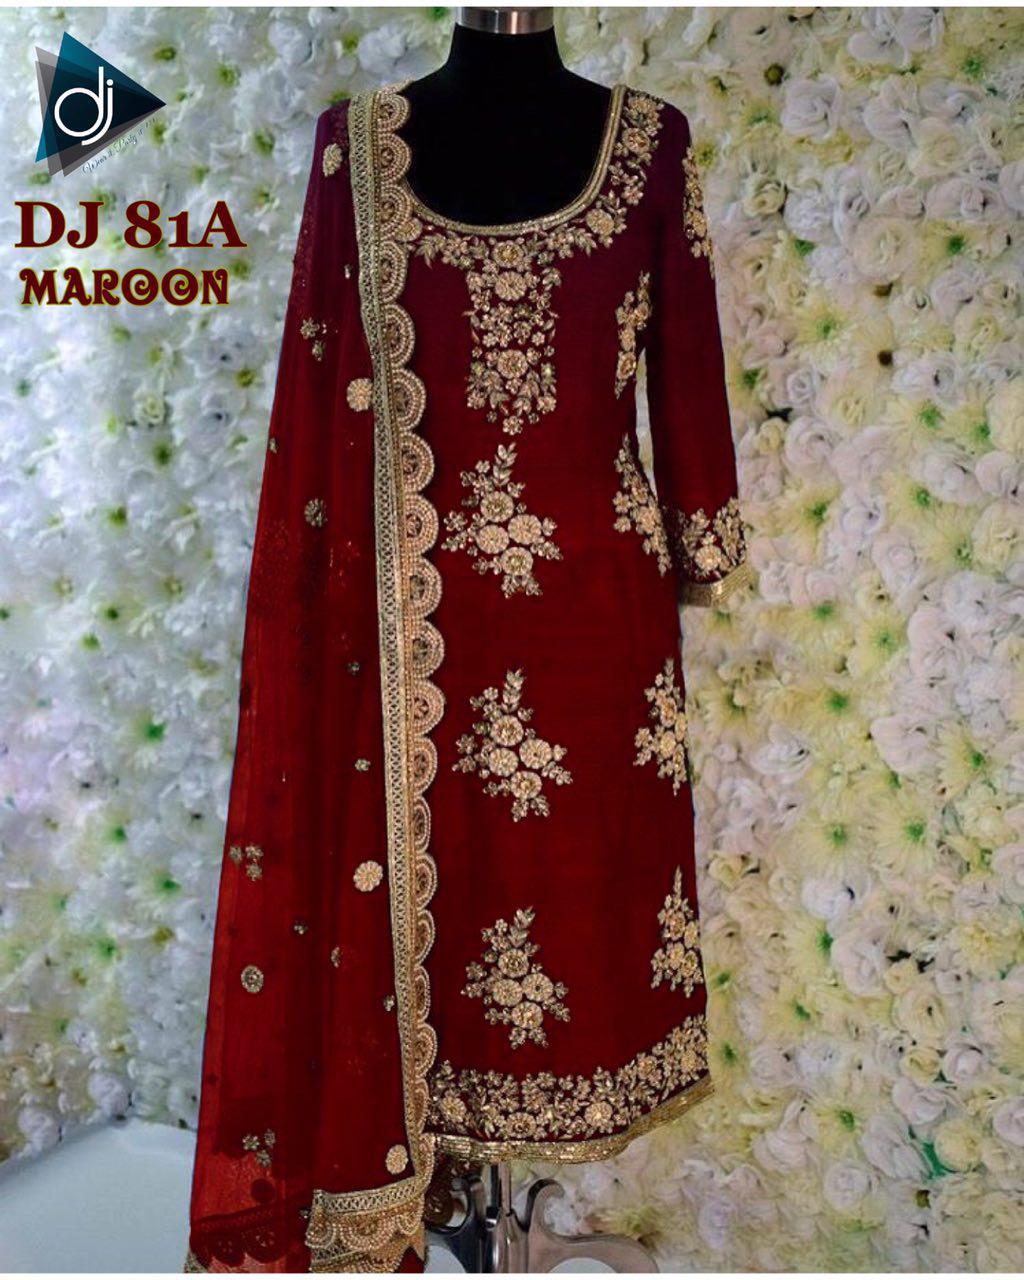 Deep Jyoti Creation DJ 81A Maroon